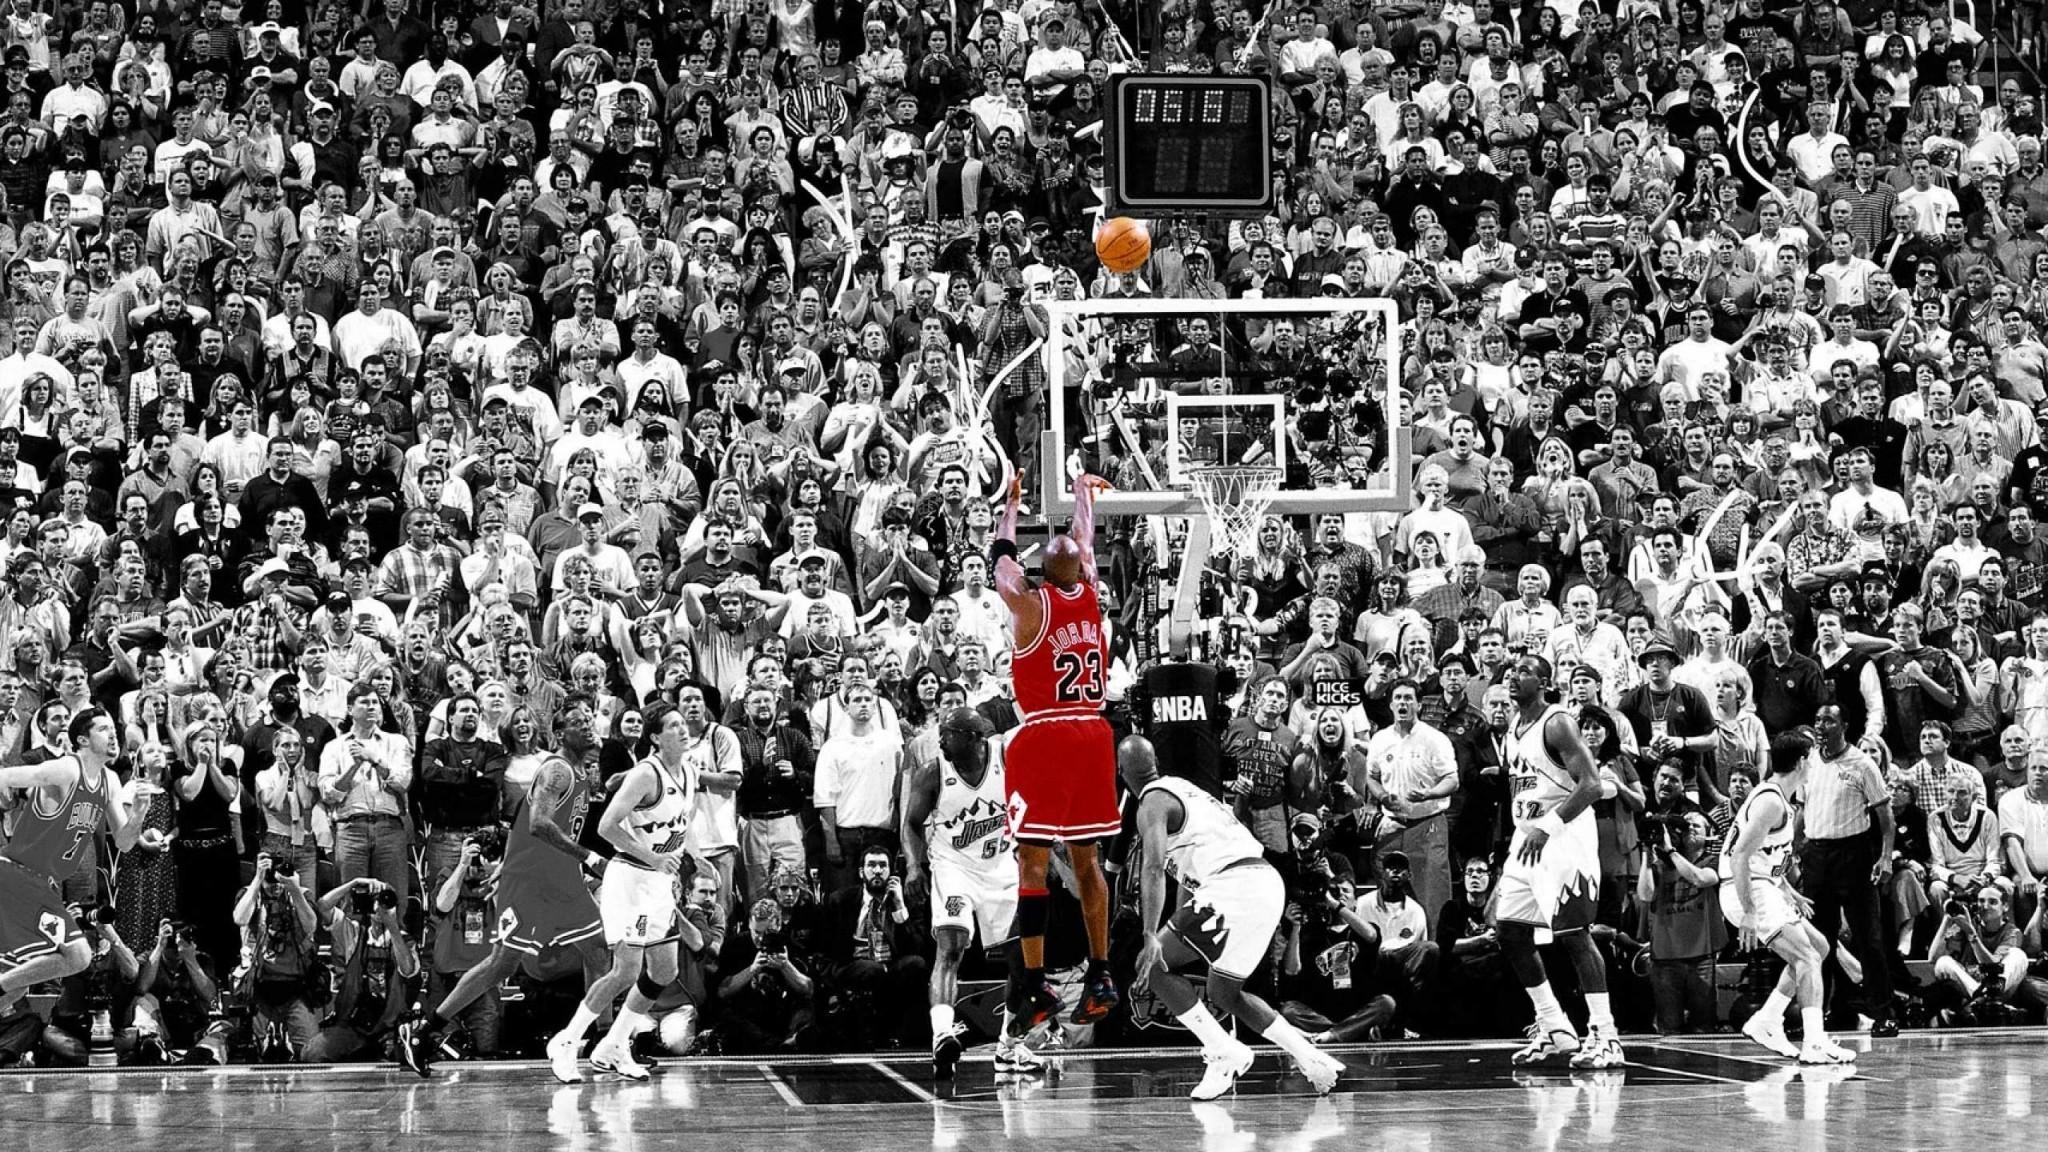 Image For Nba Wallpaper Hd Logo Michael Jordan Wallpaper 4k 2048x1152 Download Hd Wallpaper Wallpapertip